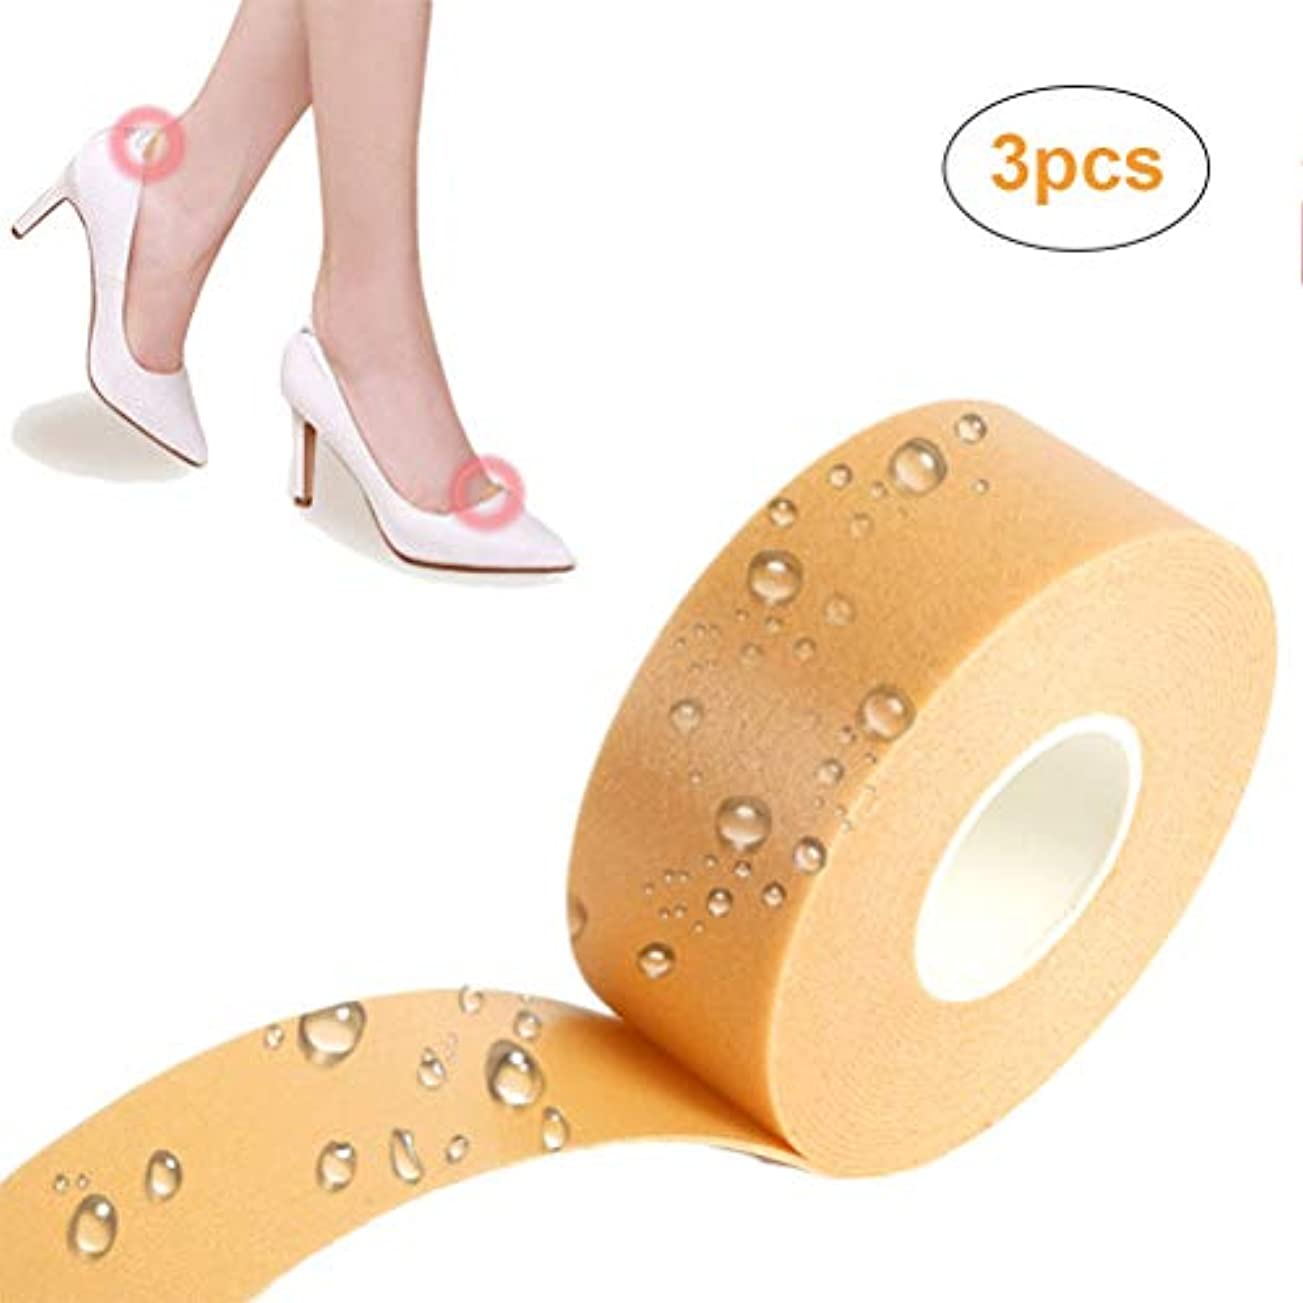 ライフ小屋 靴ずれ予防テープ 靴ずれ保護テープ 防水素材 粘着 切断可能 靴擦れ防止パッド かかとパッド かかと パッド 保護テープ 足用保護パッド 足裏痛み緩和 靴ズレ防止 快適歩行 男女兼用